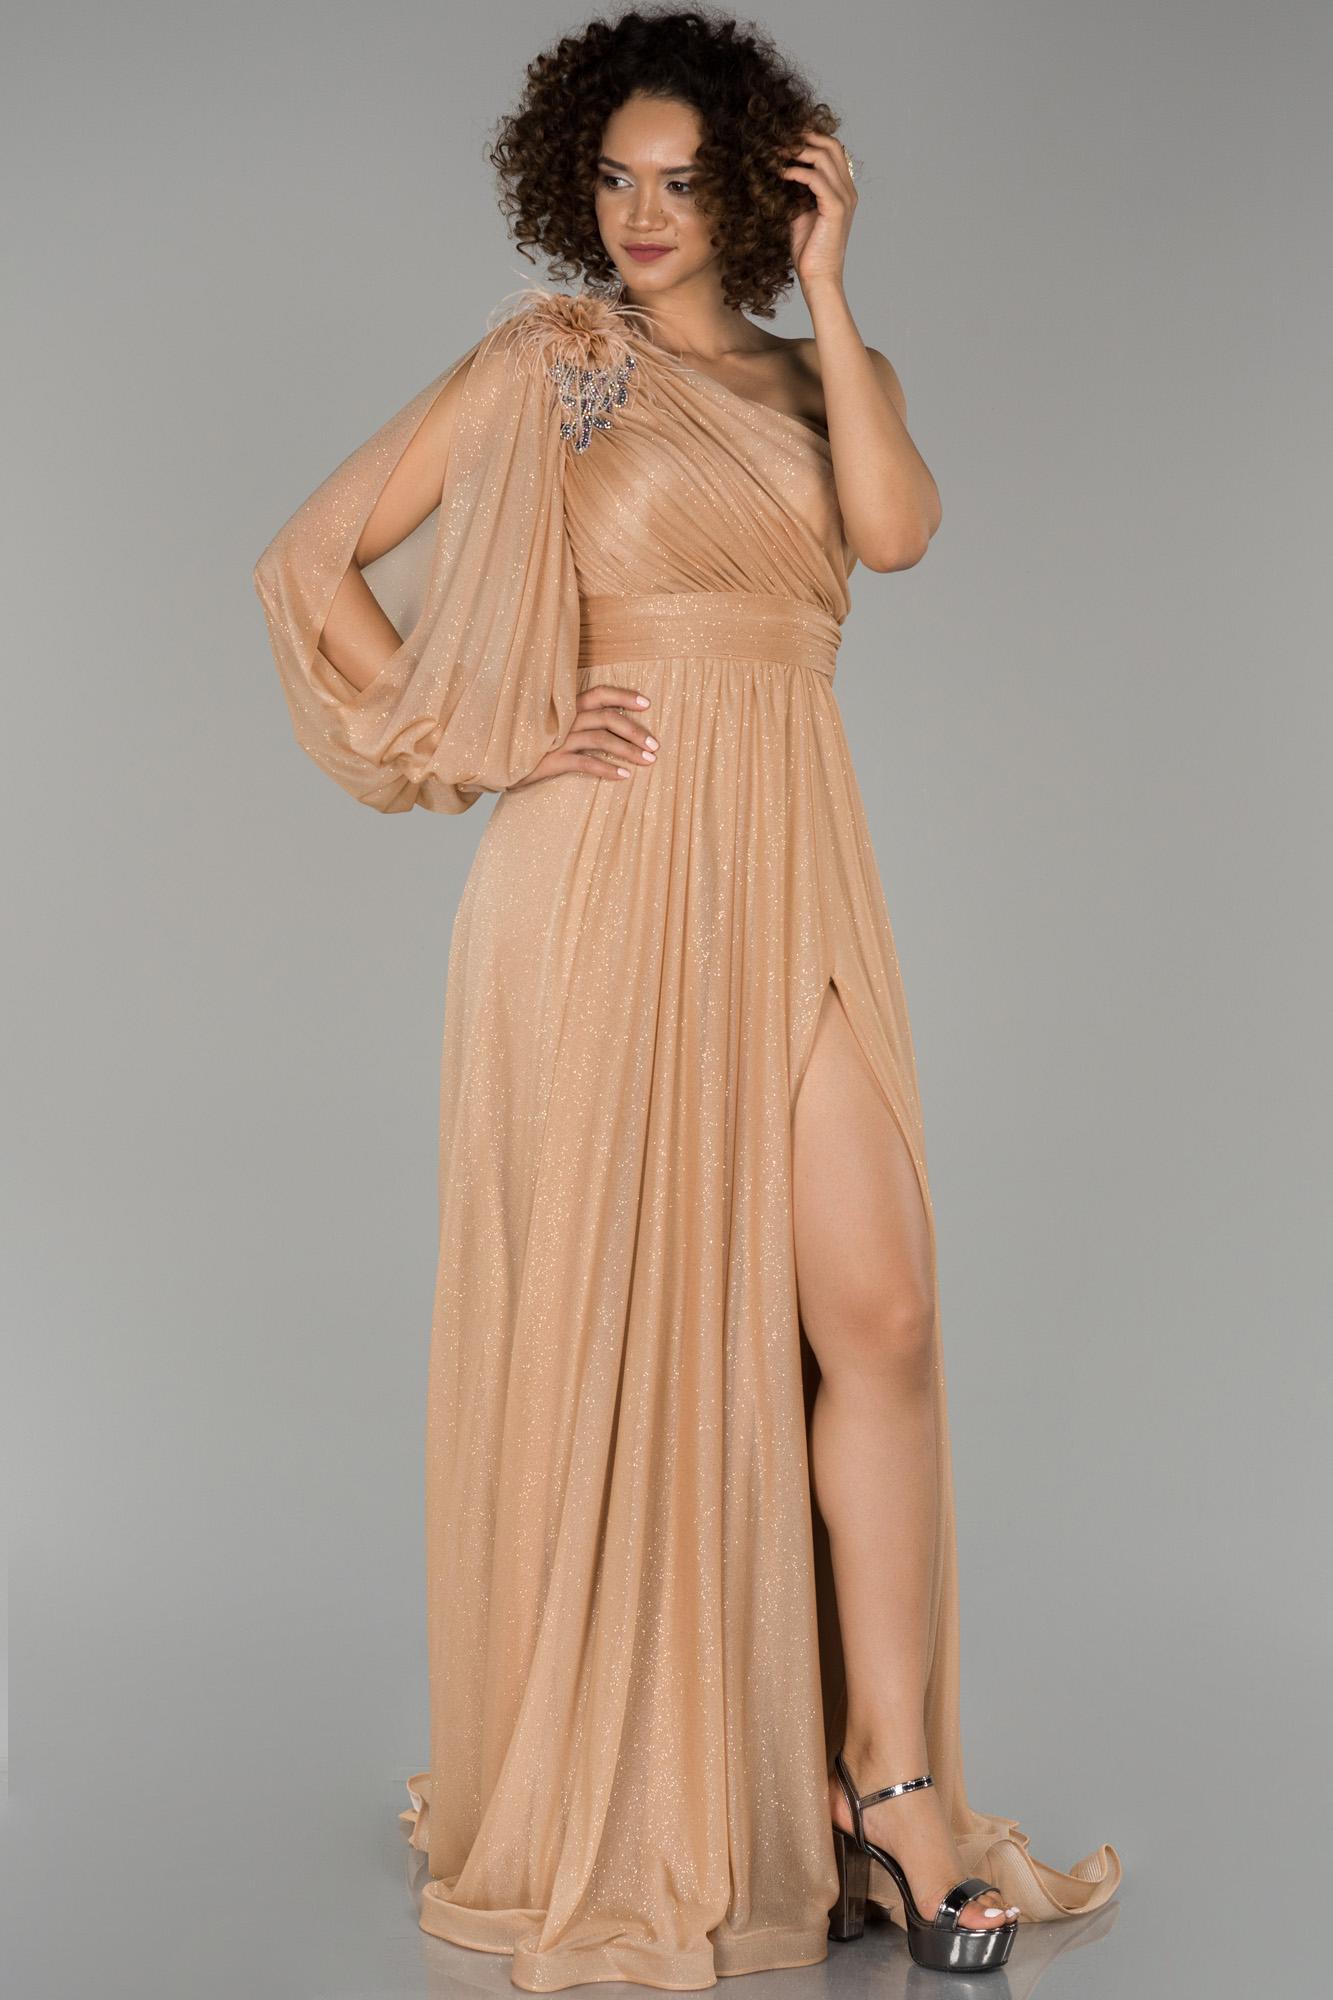 Gold Bacak Dekolteli Tek Kol Simli Abiye Elbise